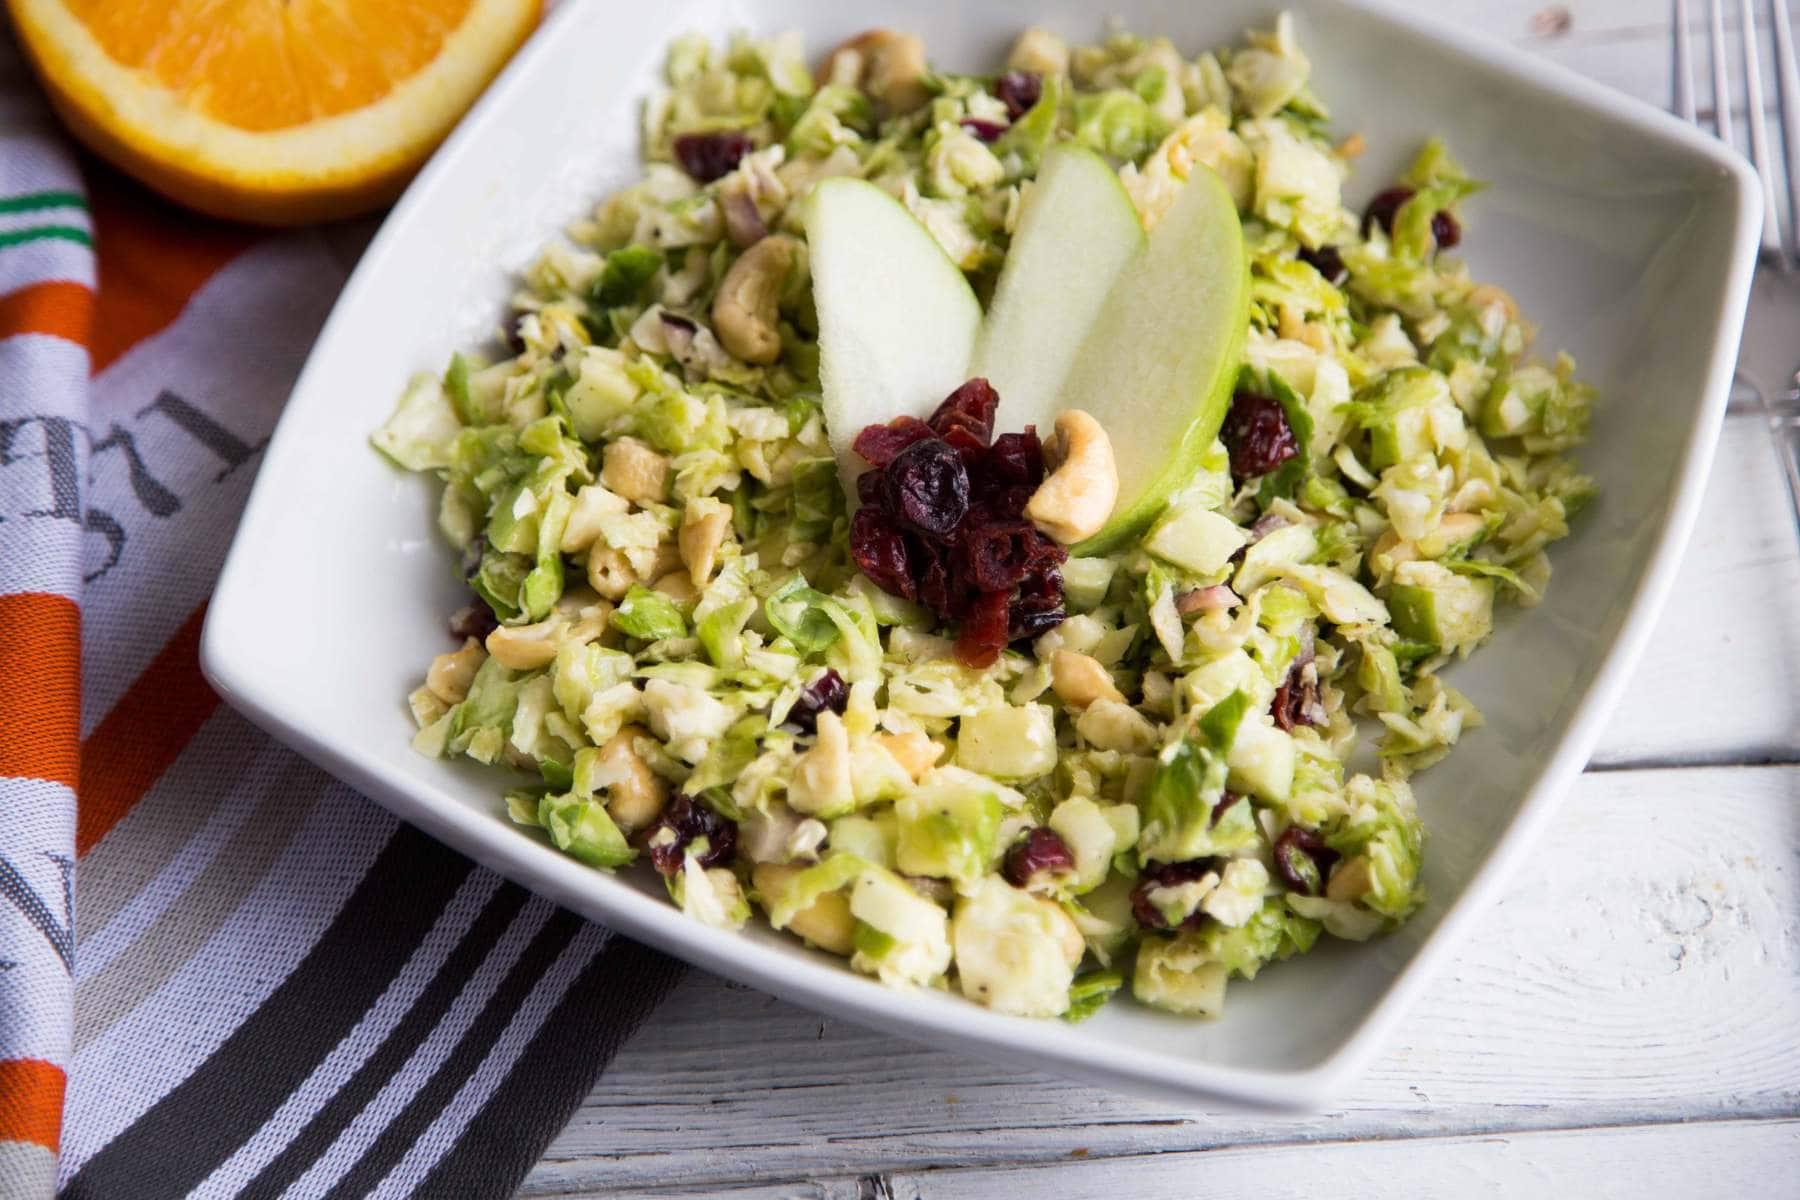 Salade de choux de Bruxelles, pommes, noix et canneberges / Cinq Fourchettes